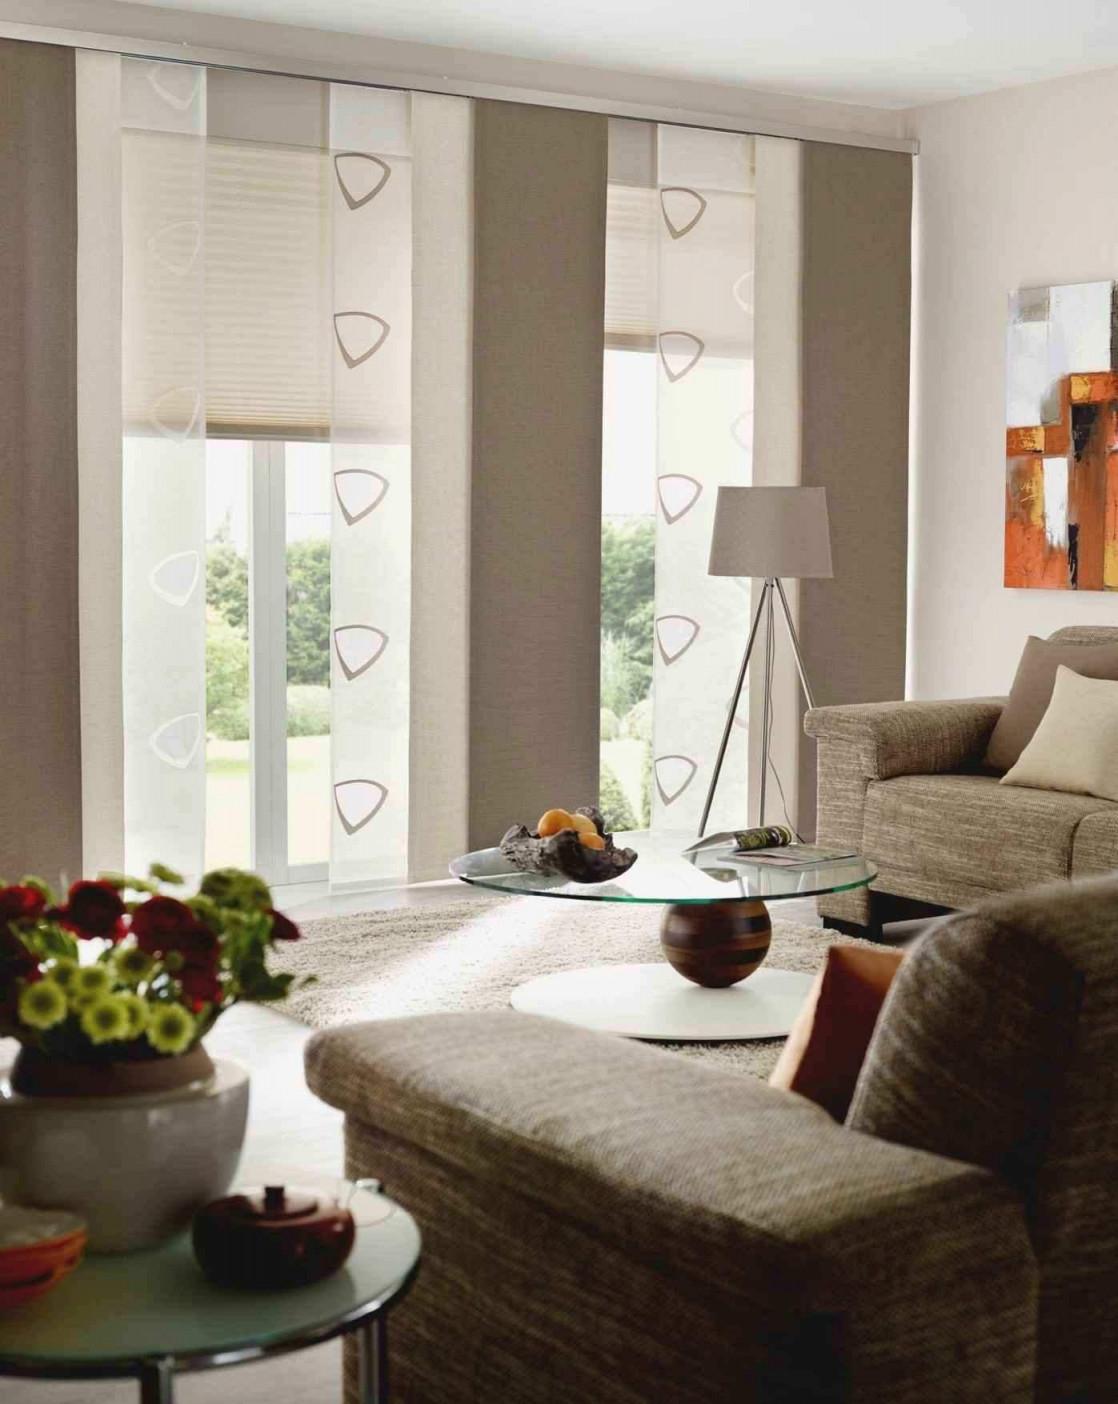 Gardinen Für Wohnzimmer Inspirierend 50 Oben Von Von von Gardinen Modelle Für Wohnzimmer Photo